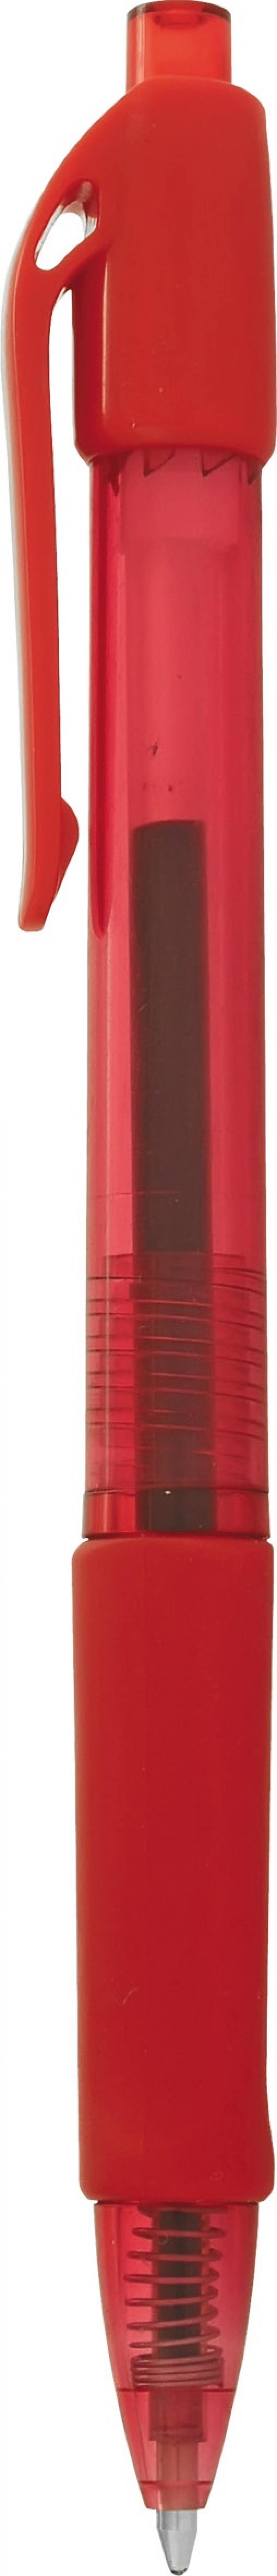 Шариковая ручка автоматическая Index IBP602/RD красный 0.7 мм IBP602/RD шариковая ручка index ontake красный 0 7 мм ibp501 rd ibp501 rd